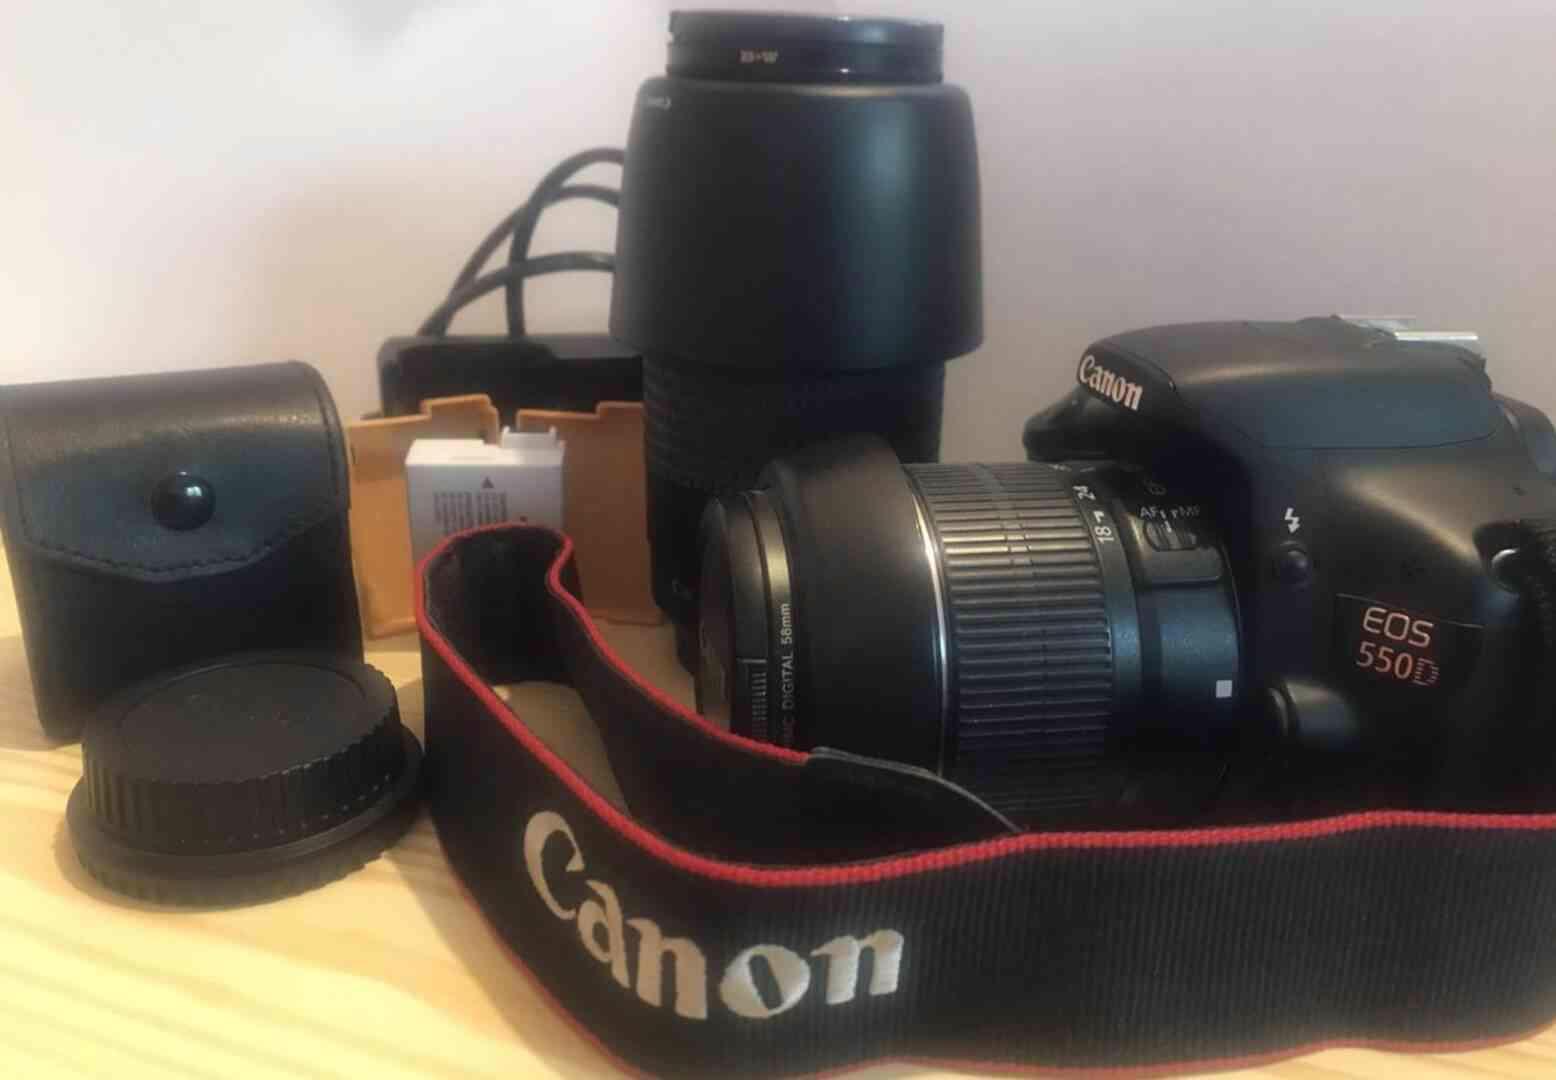 Canon EOS 550D + objektivy a příslušenství - TOP stav - foto 1